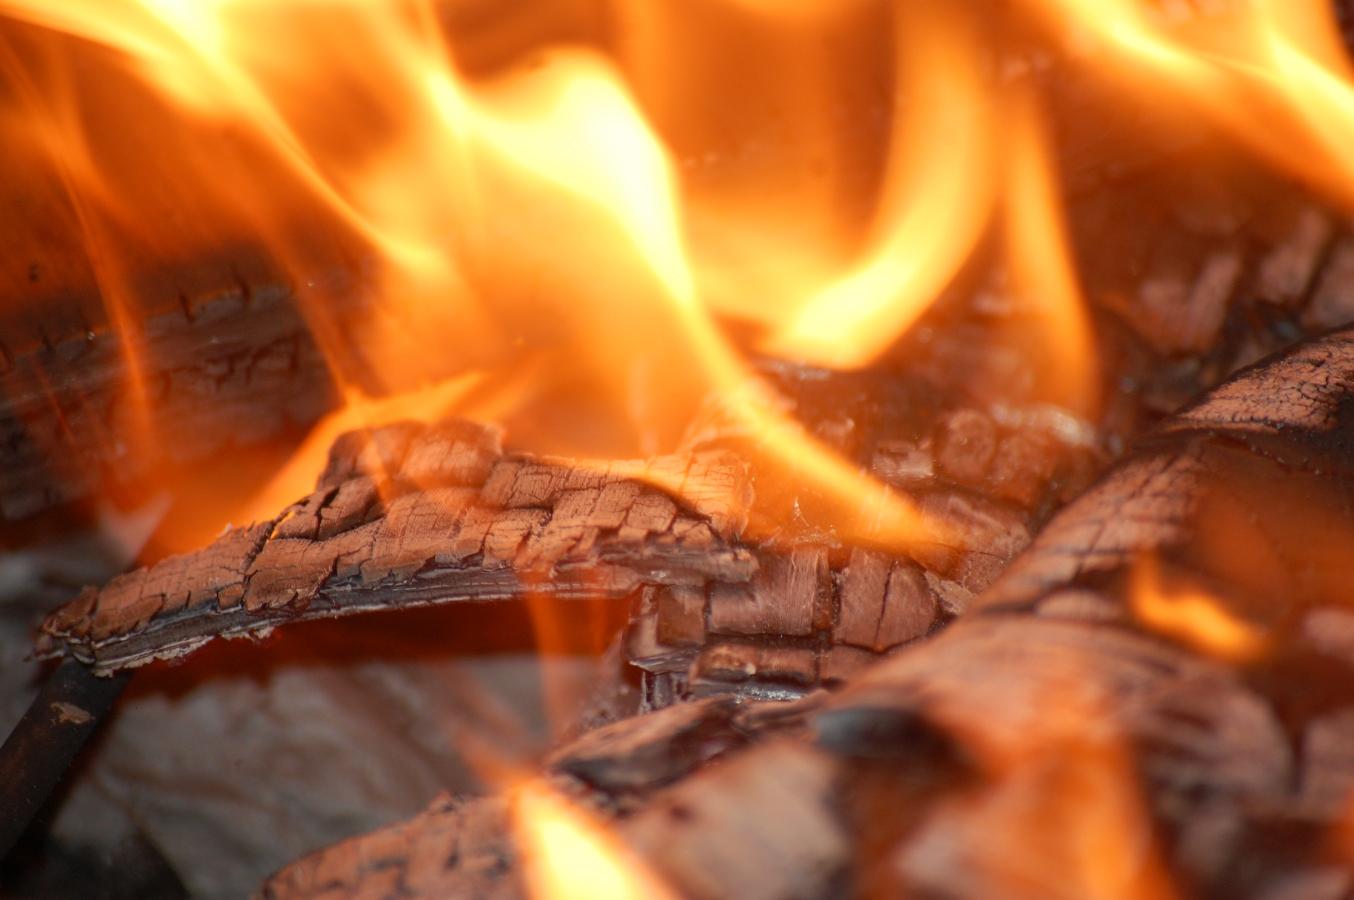 У селі Кобилецька Поляна на пожежі врятовано 6 людей, з яких 5 - діти